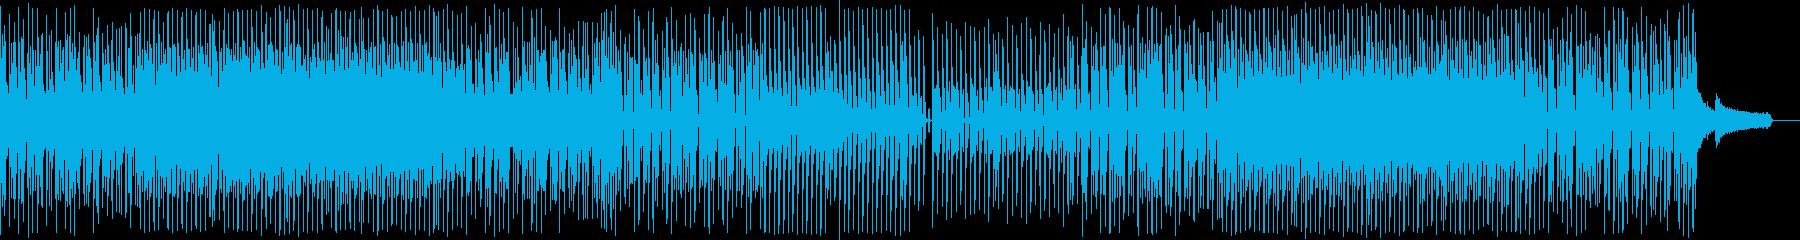 平成初期を感じるピコピコサウンドの再生済みの波形